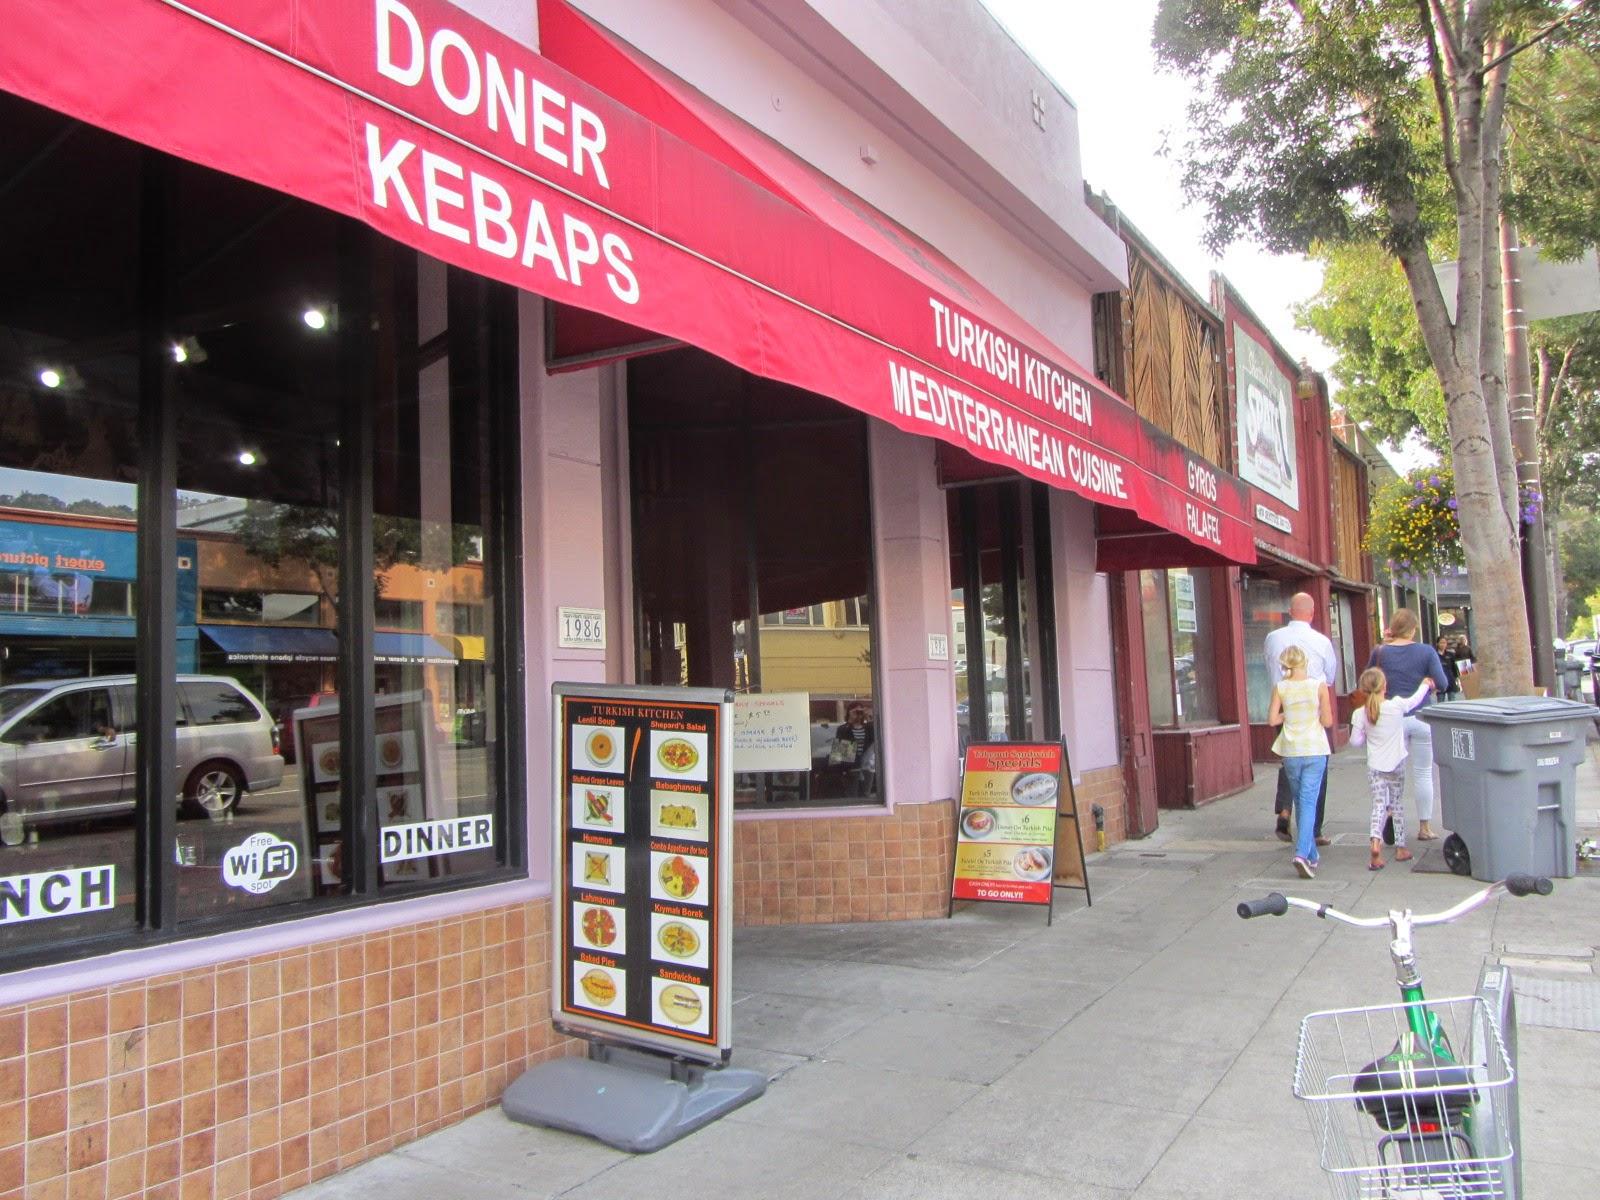 Berkeley: Turkish Kitchen